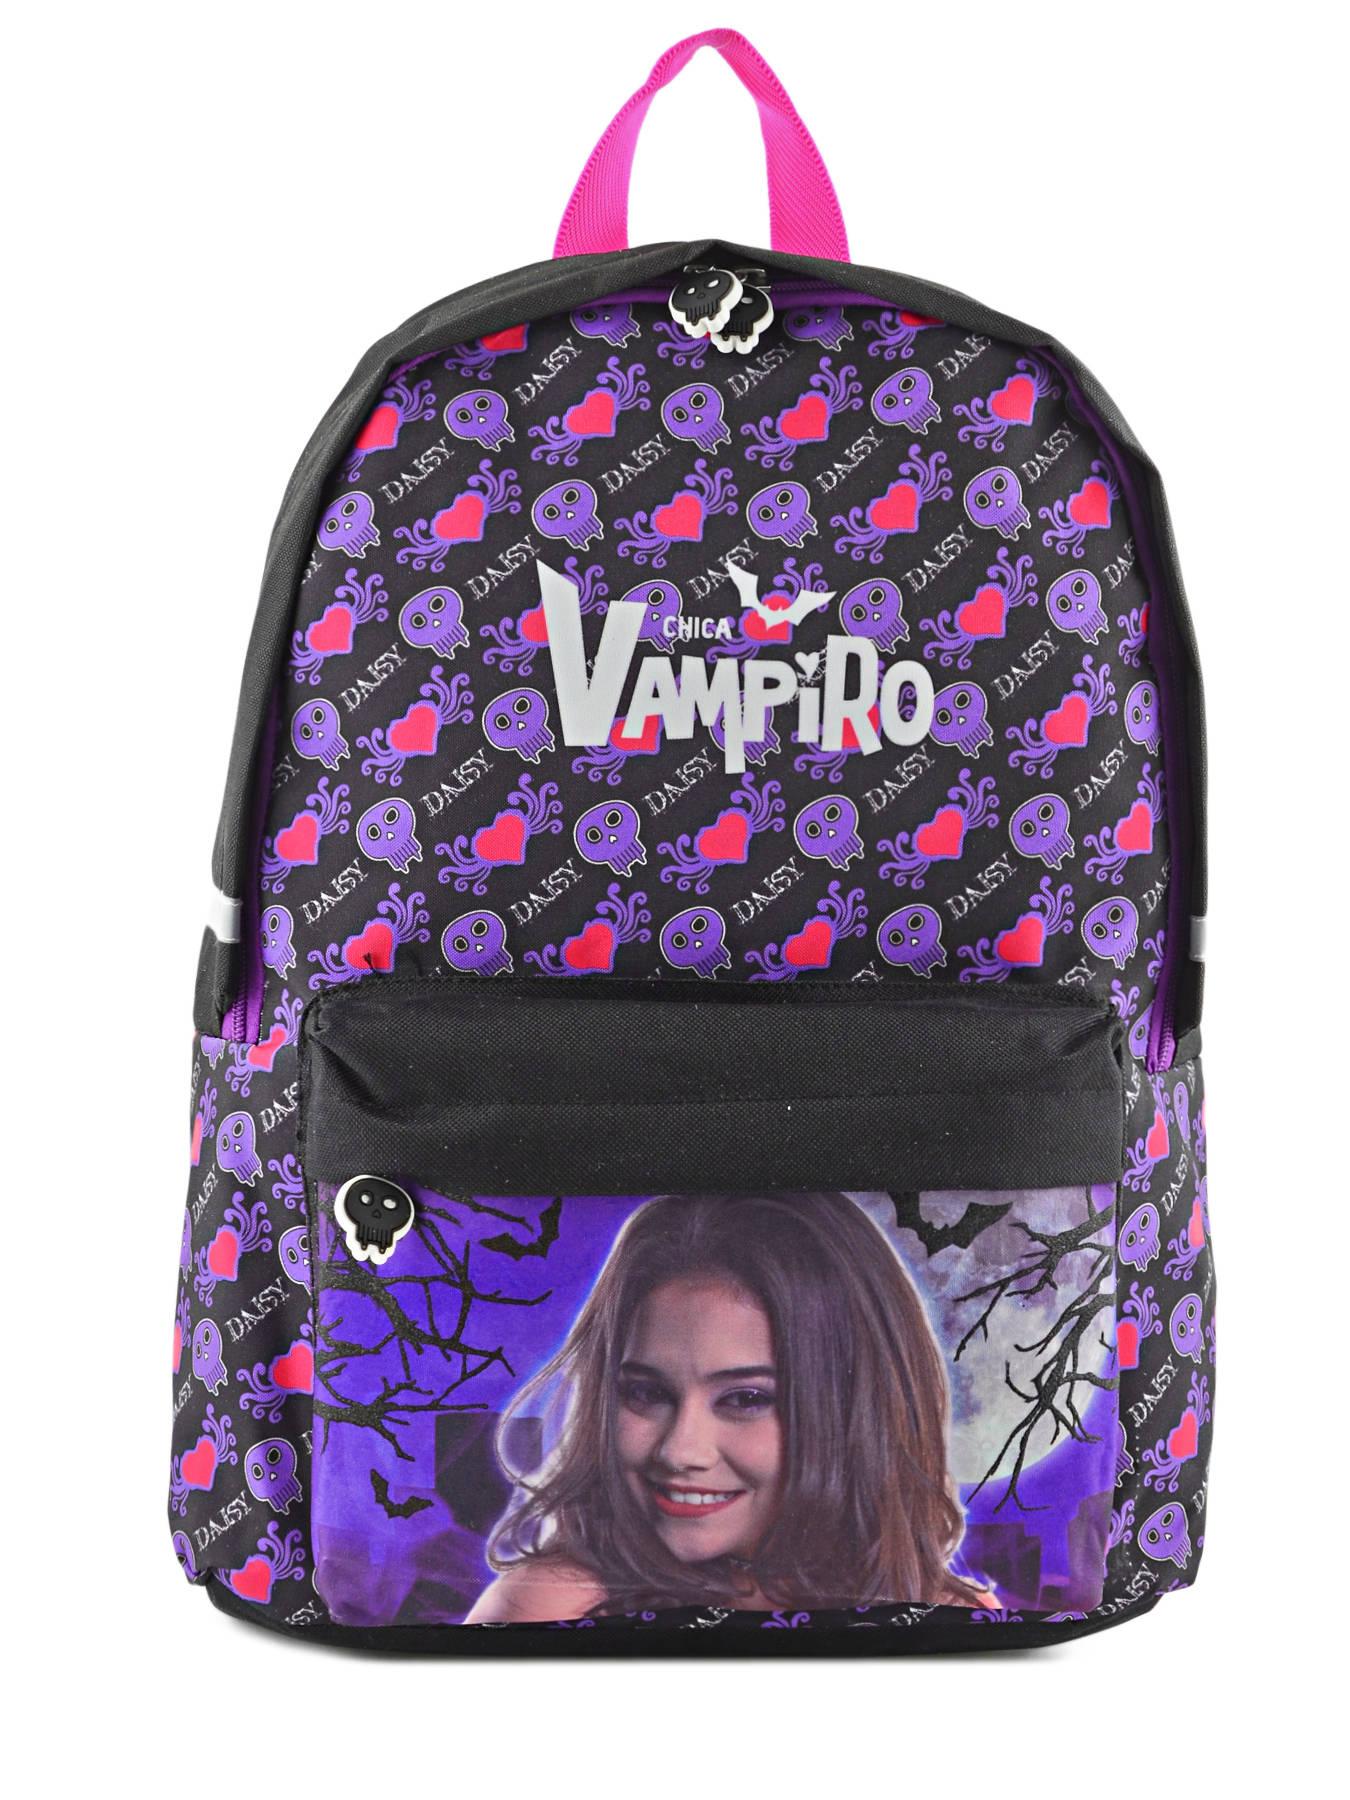 Sac à dos - 1 compartiment - Chica Vampiro BxRVLqG